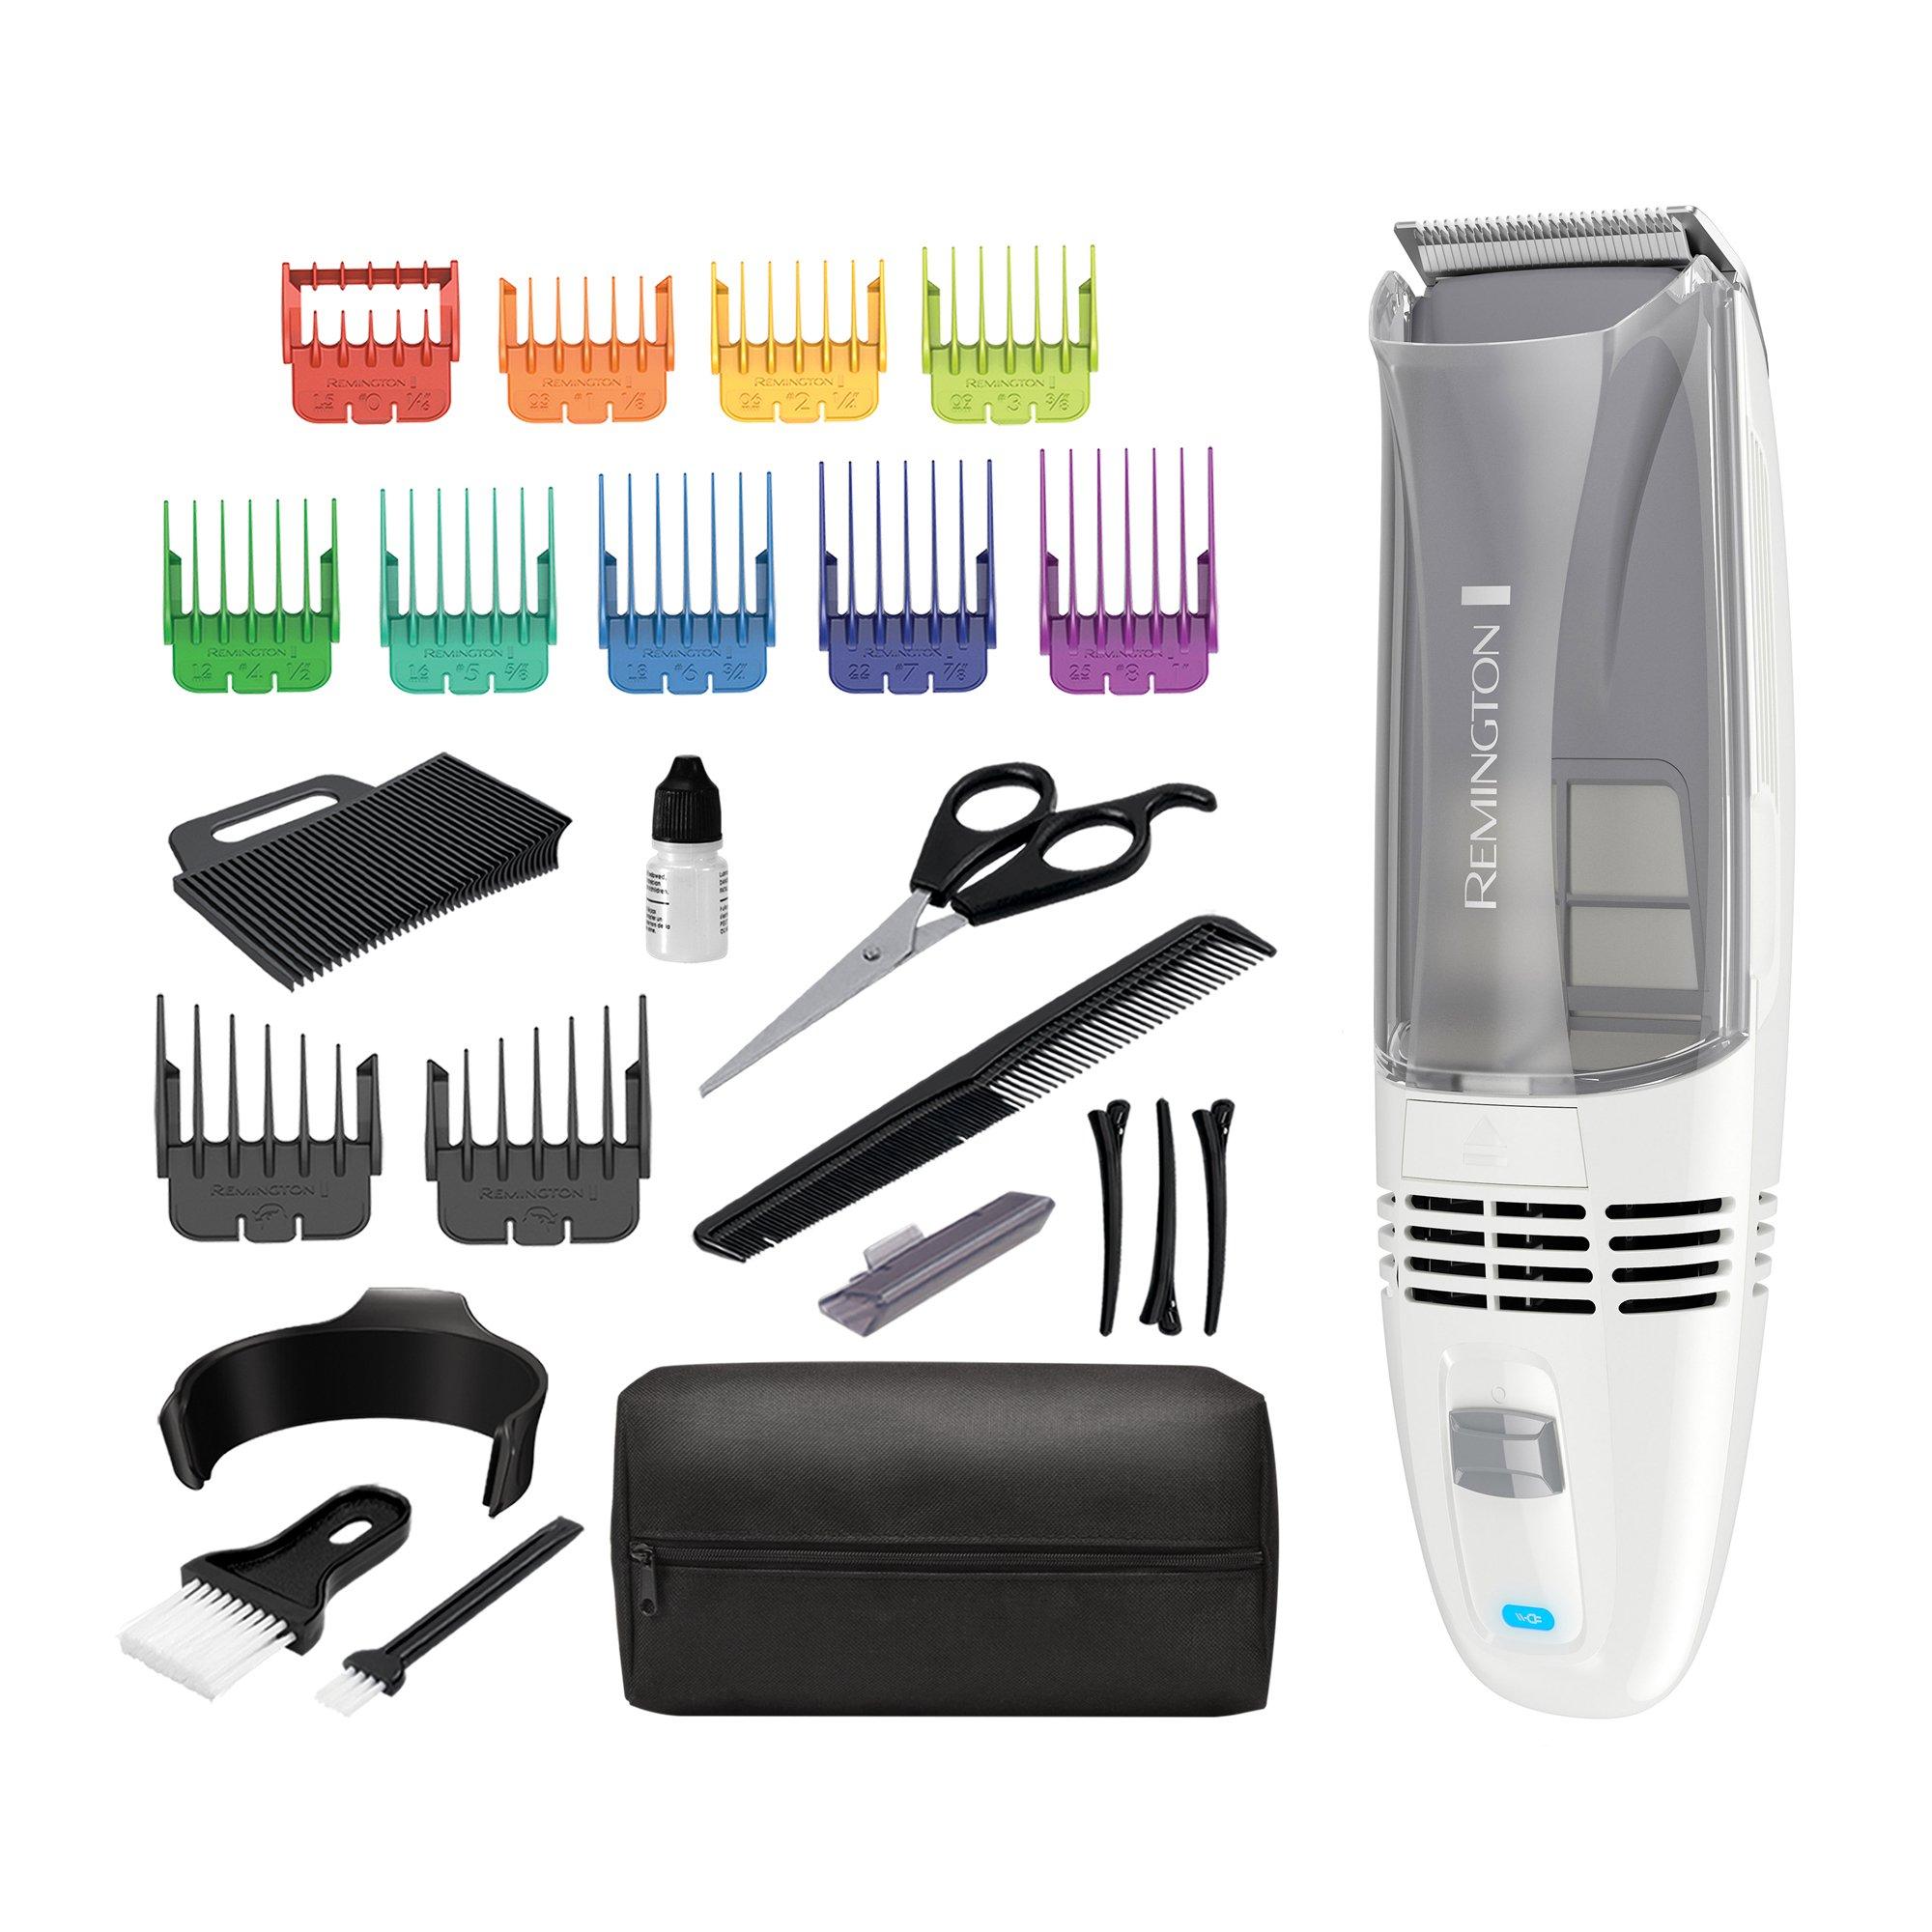 Remington HC6525 Color Comb Vacuum Haircut Kit, Vacuum Trimmer, Hair Clippers, Hair Trimmer, Clippers, White by Remington